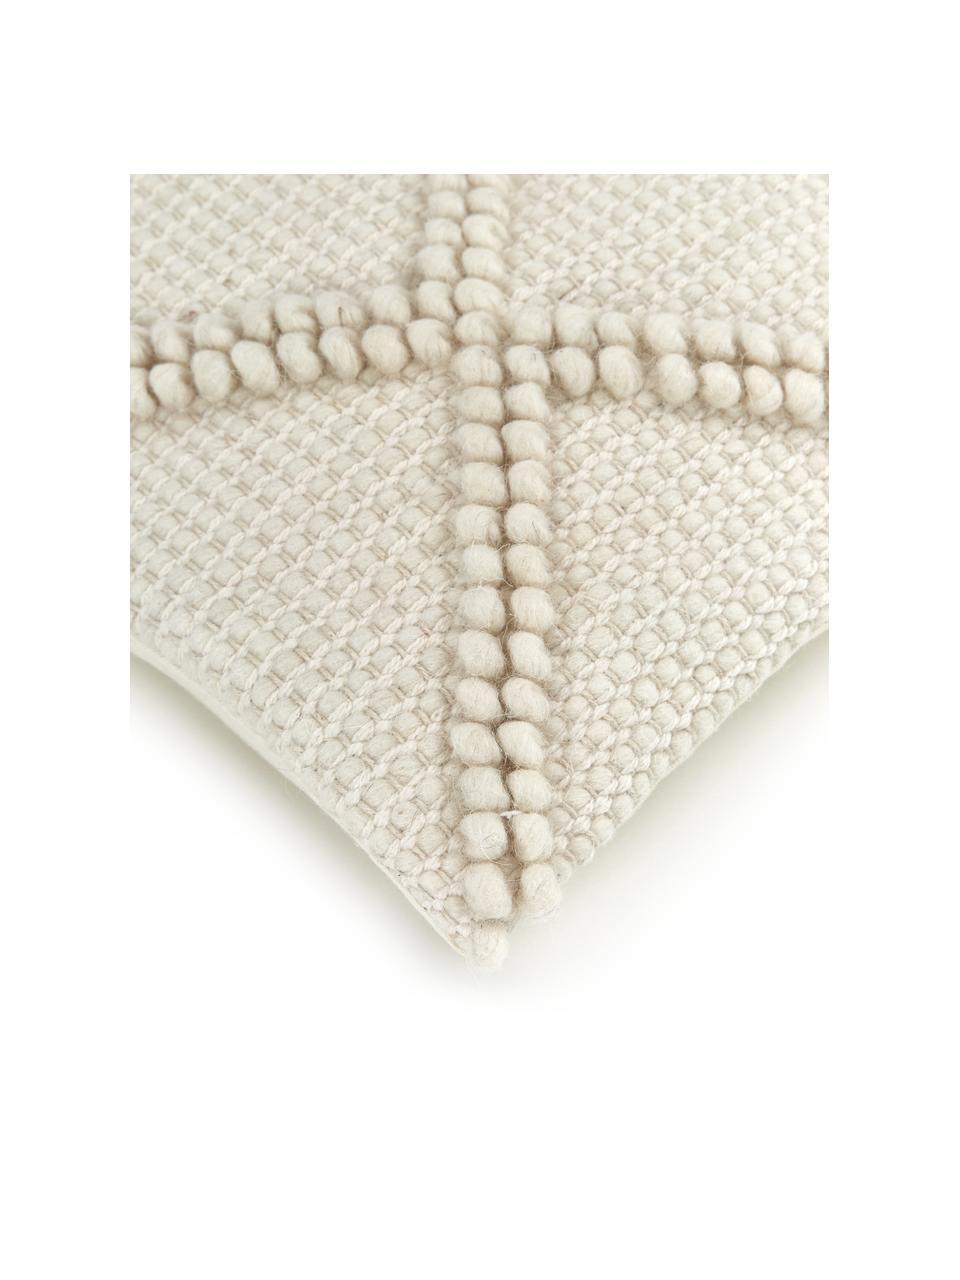 Kissenhülle Janina mit dekorativer Verzierung, 100% Baumwolle, Beige, 45 x 45 cm